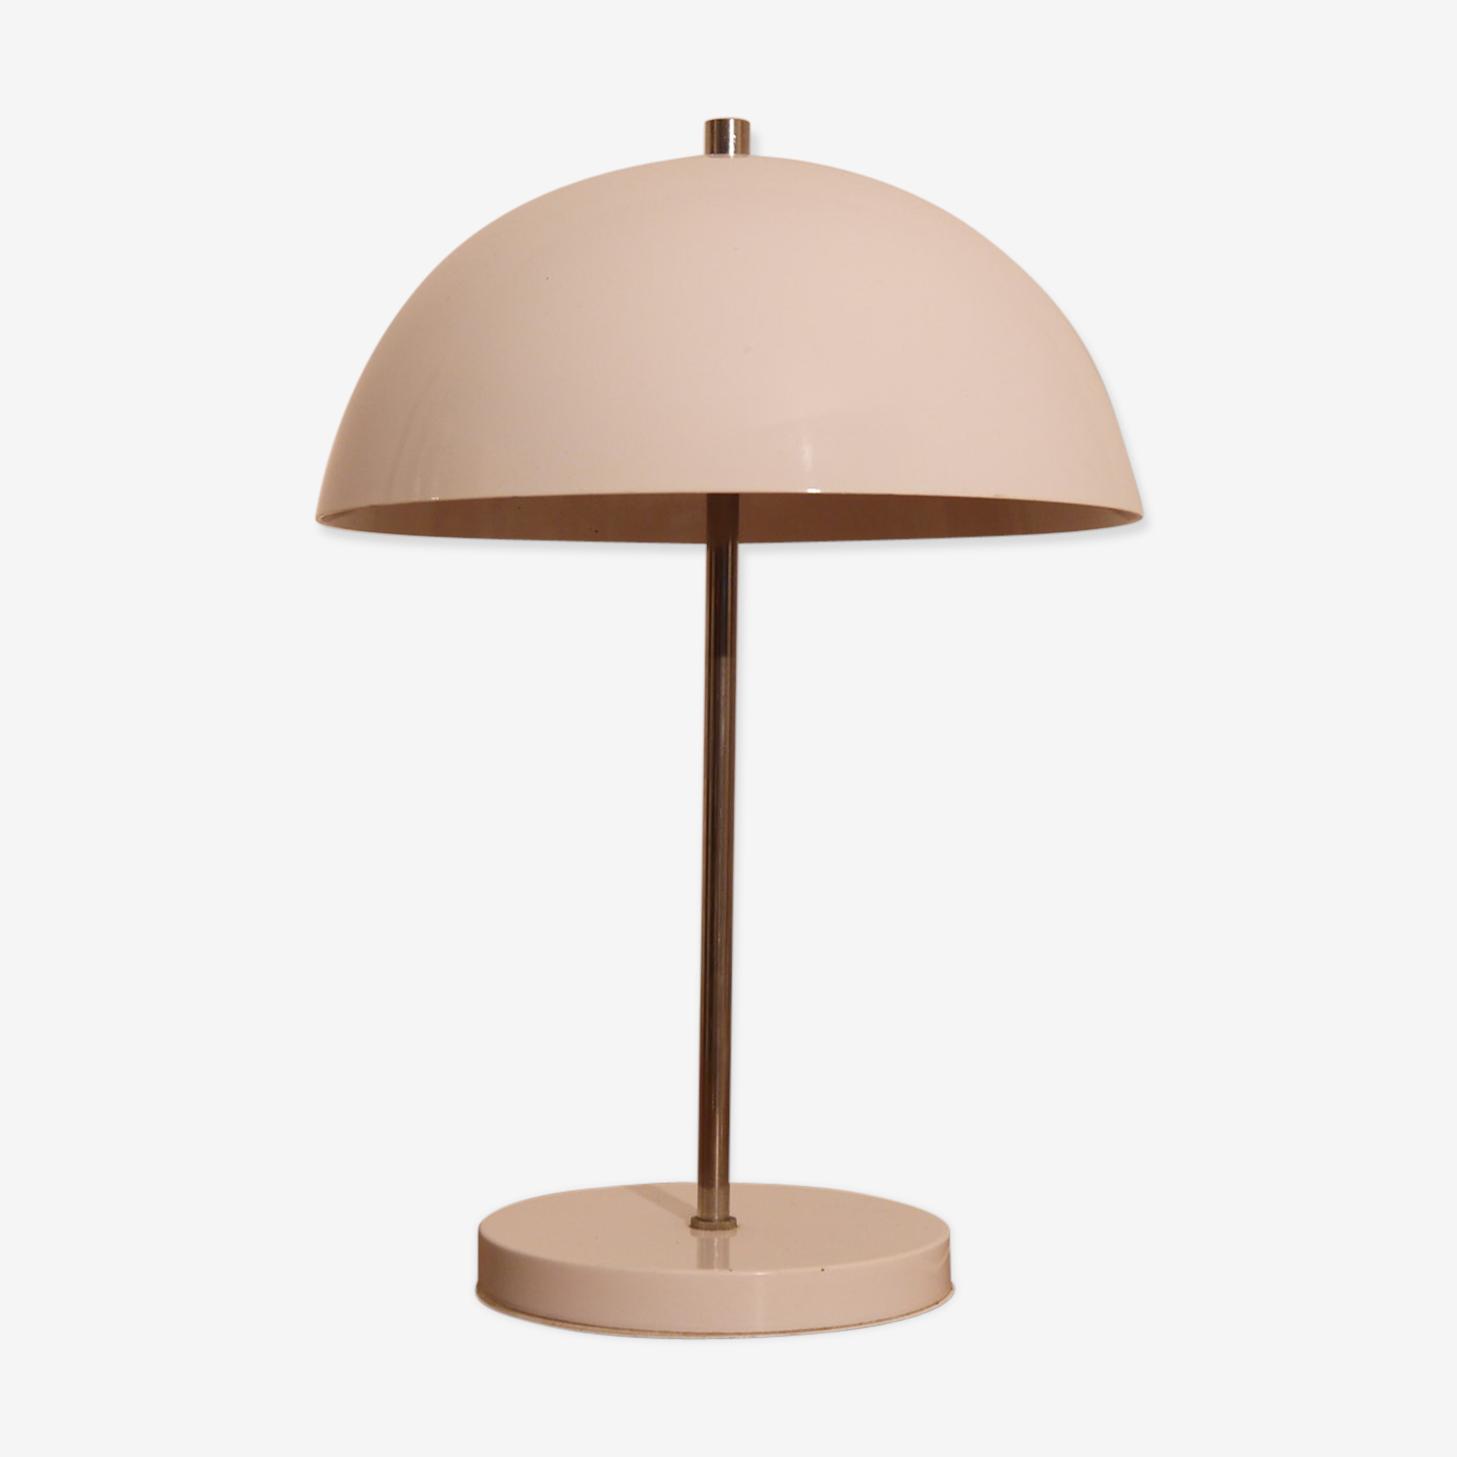 Lampe A Poser Vintage Scandinave Metal White Scandinavian